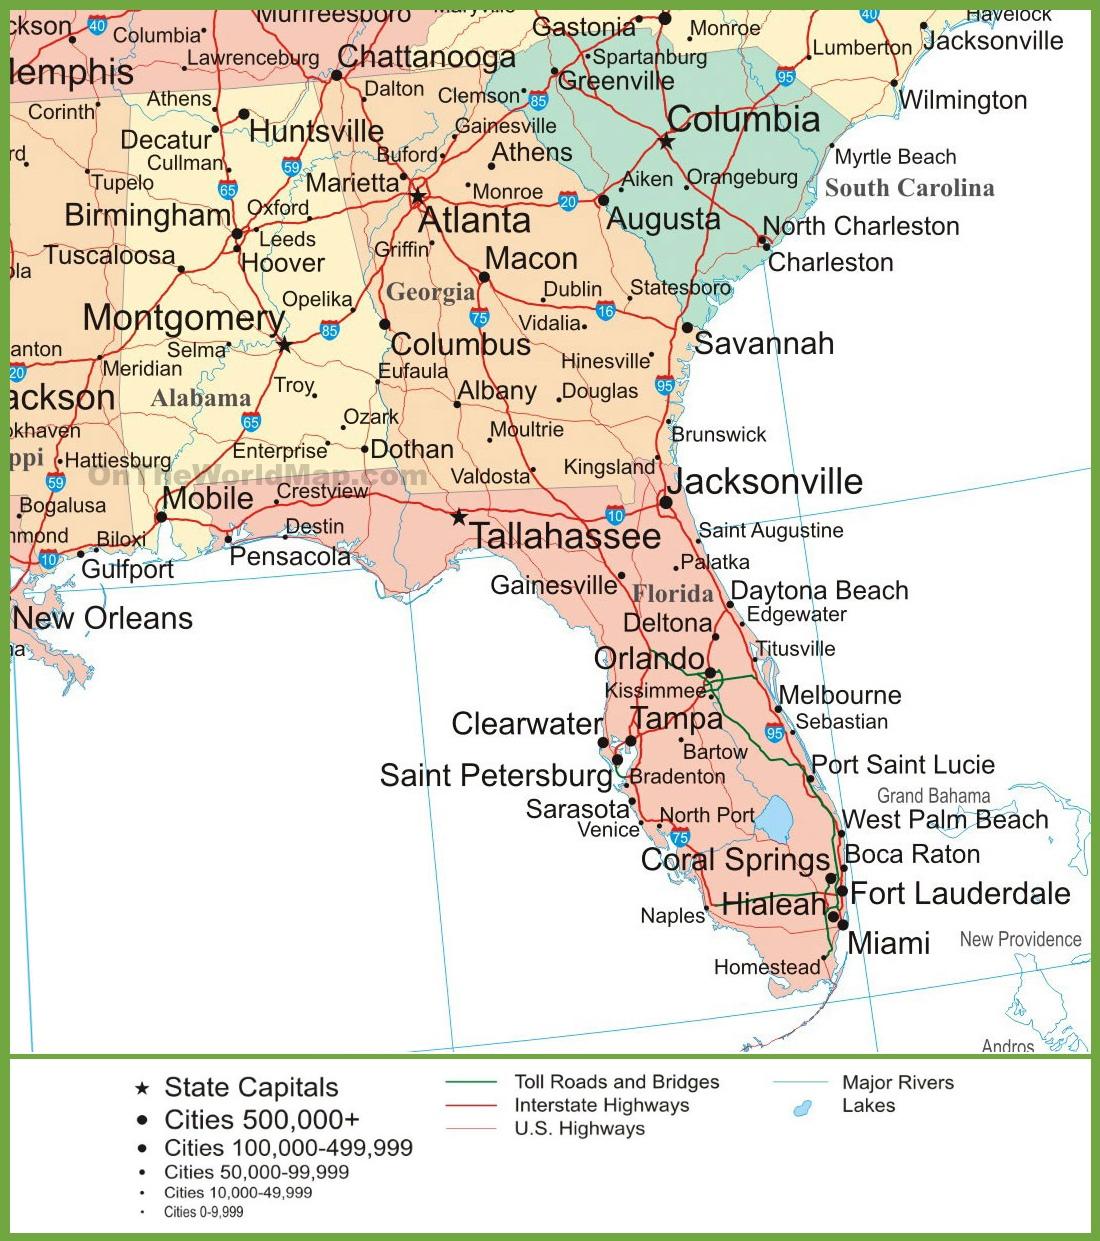 Map Of Alabama, Georgia And Florida - Sebastian Florida Map